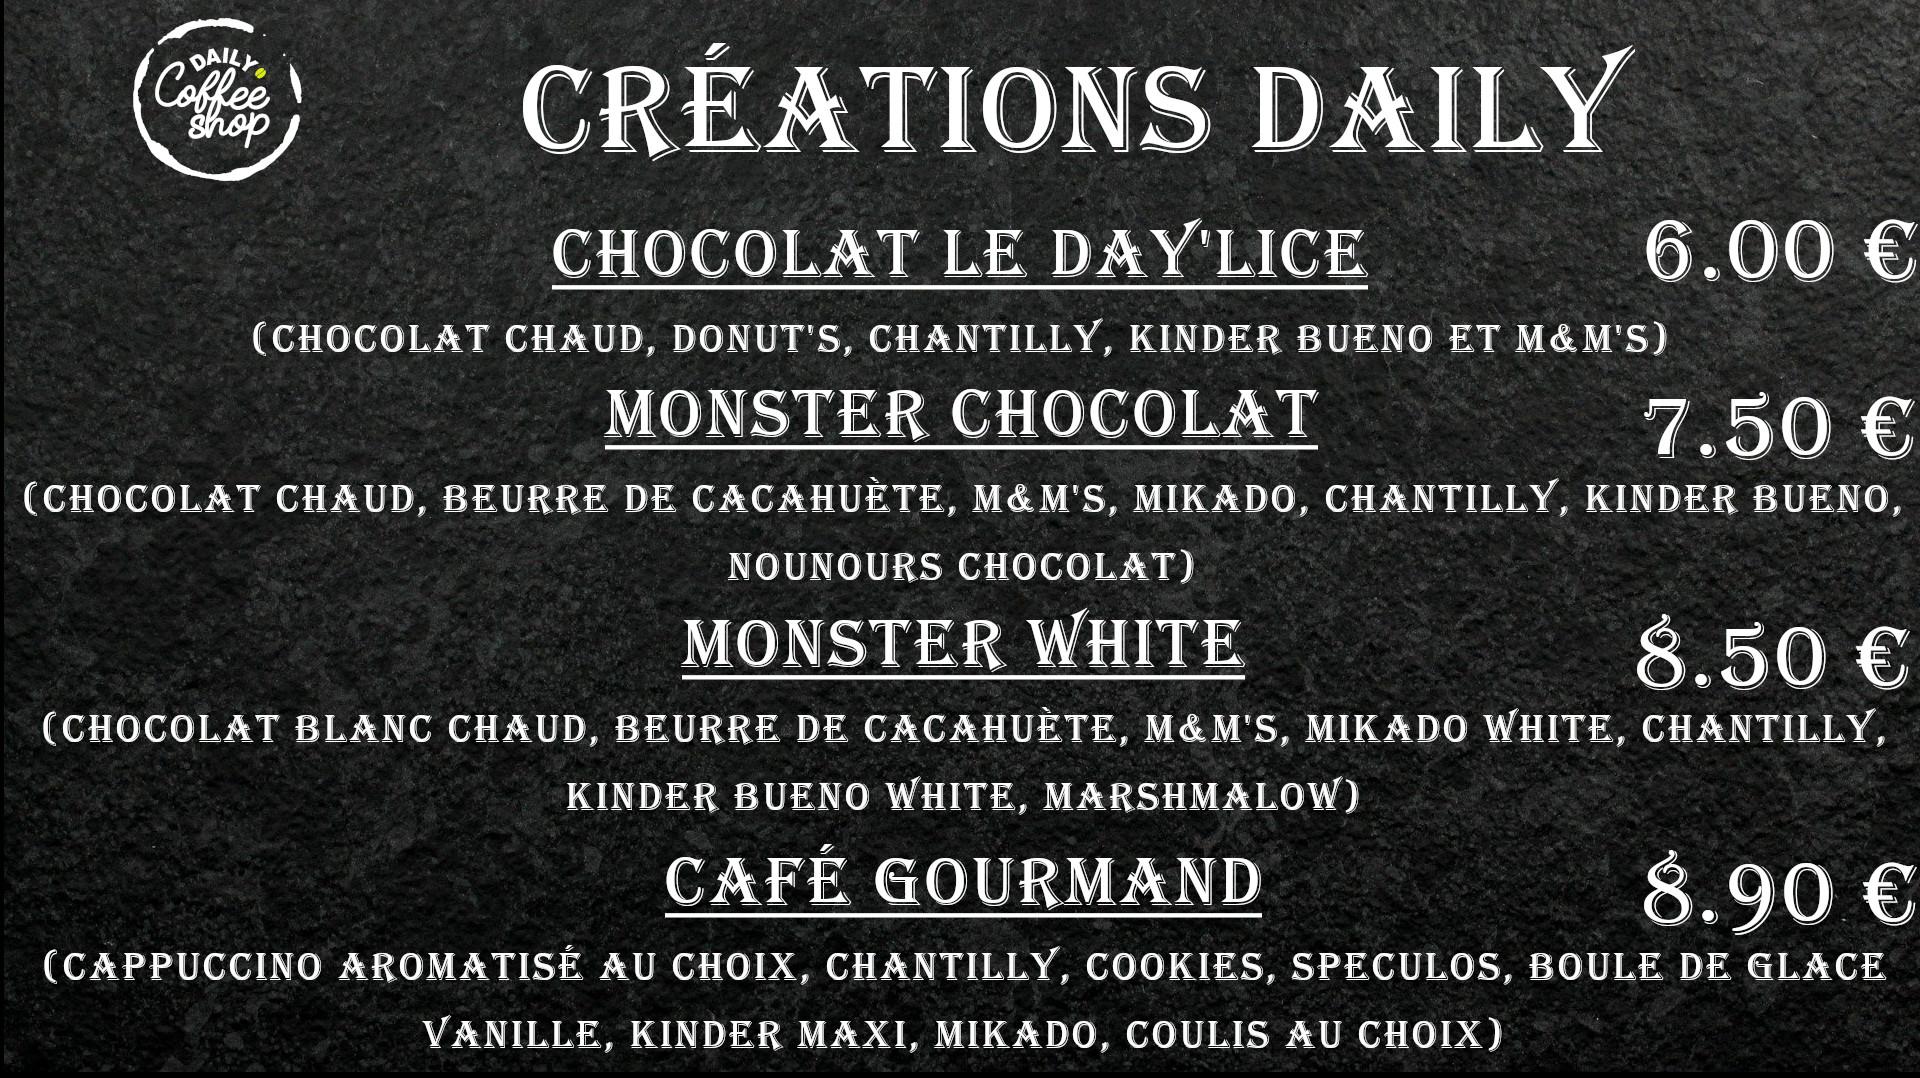 Images du menu création daily de Daily Coffee Shop